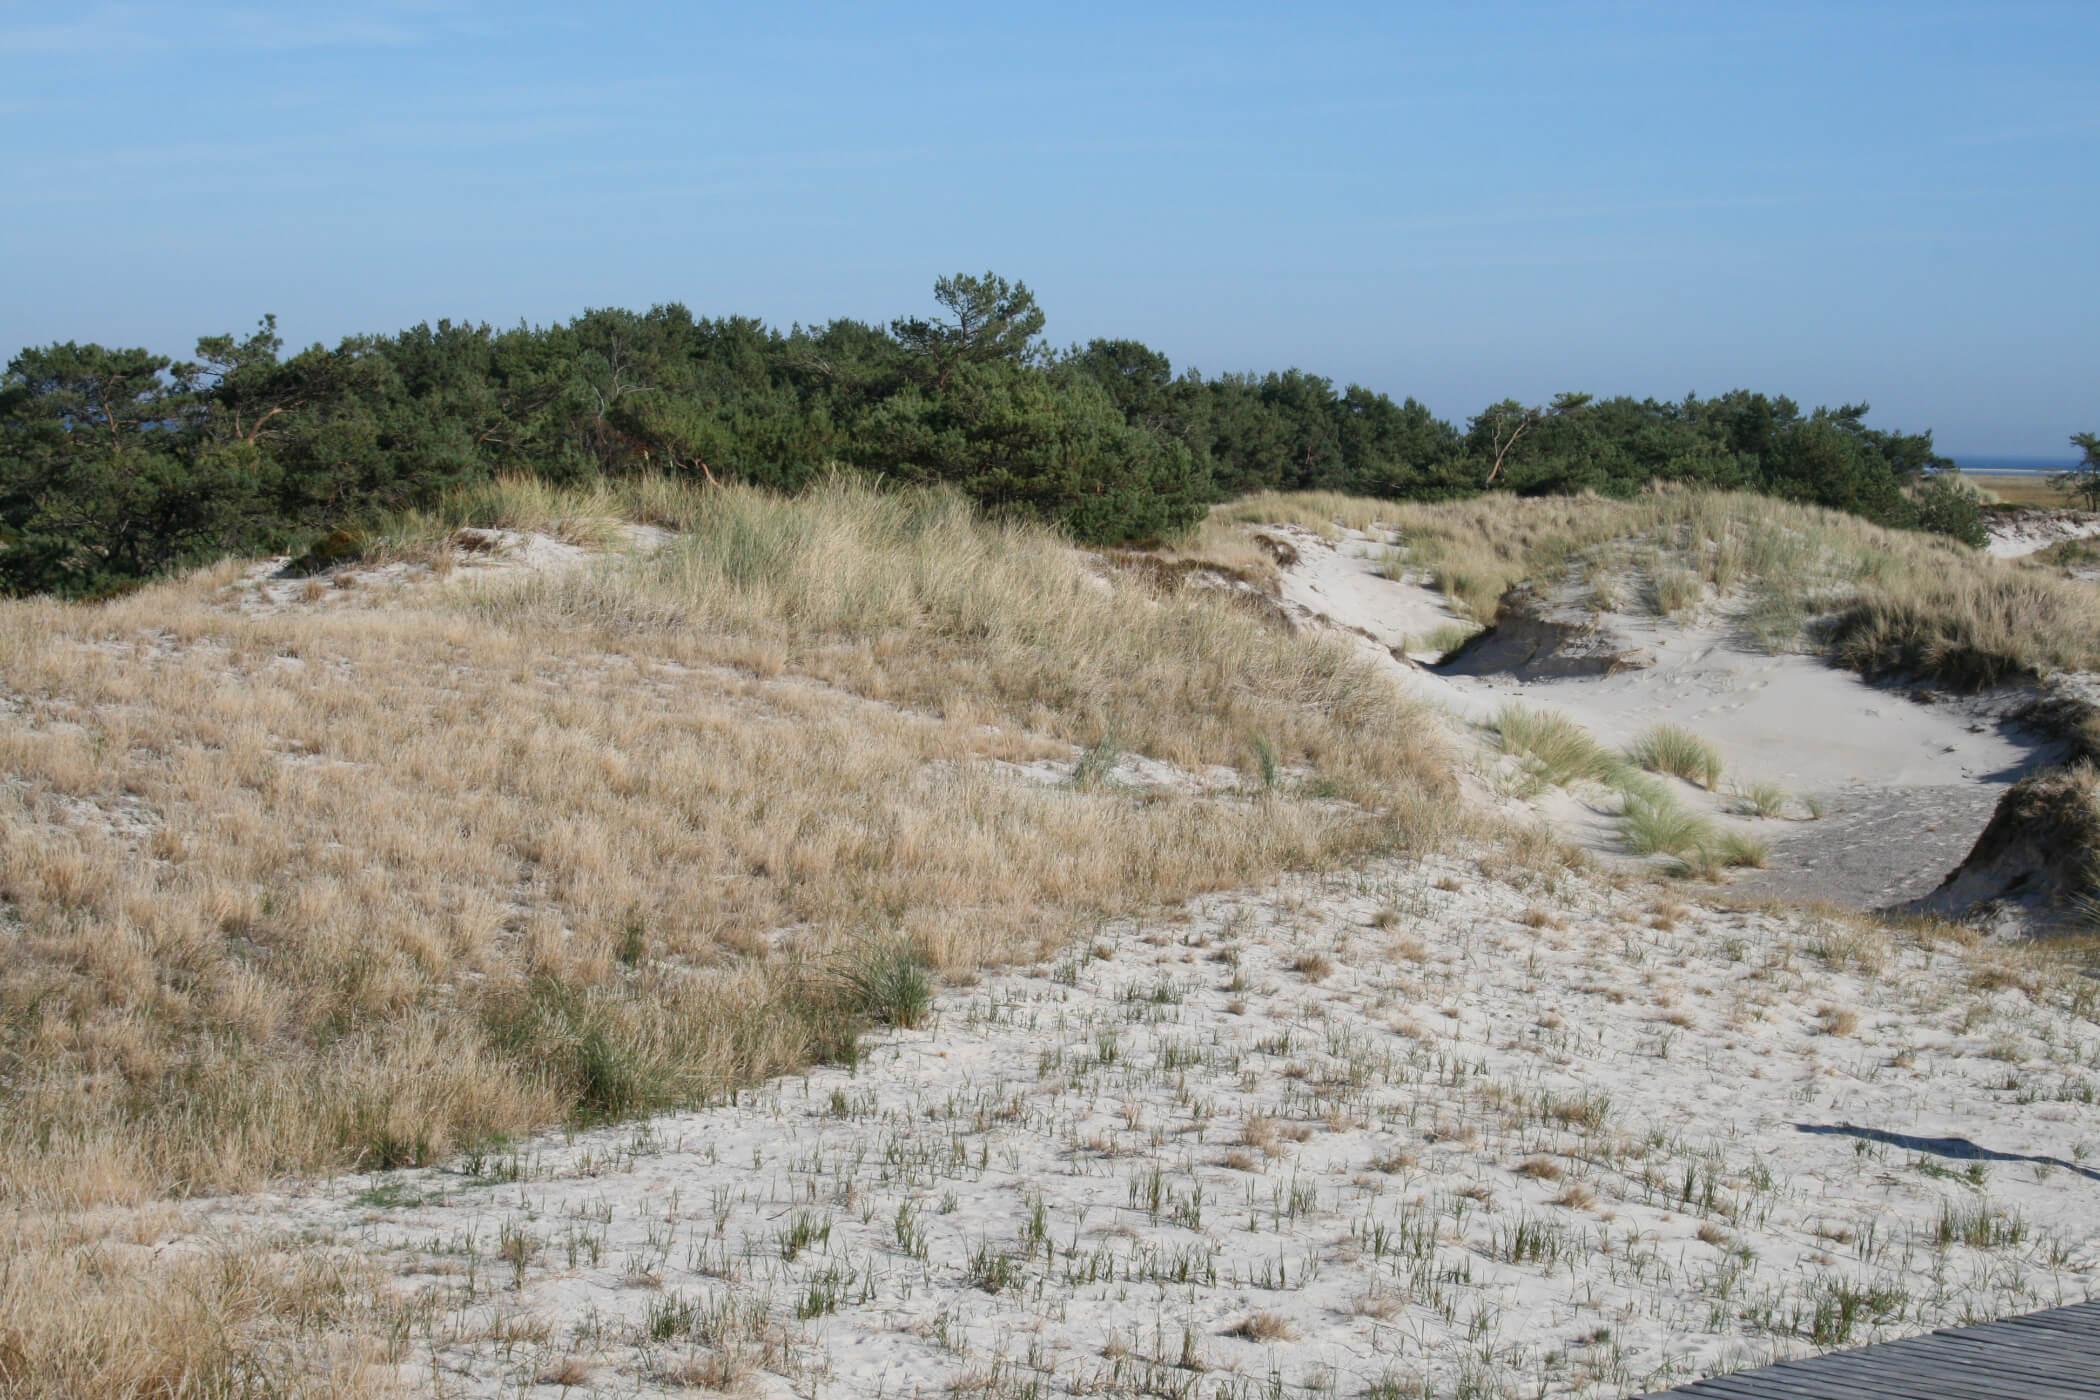 Boddenlandschaft am Nordstrand auf dem Fischland Darß